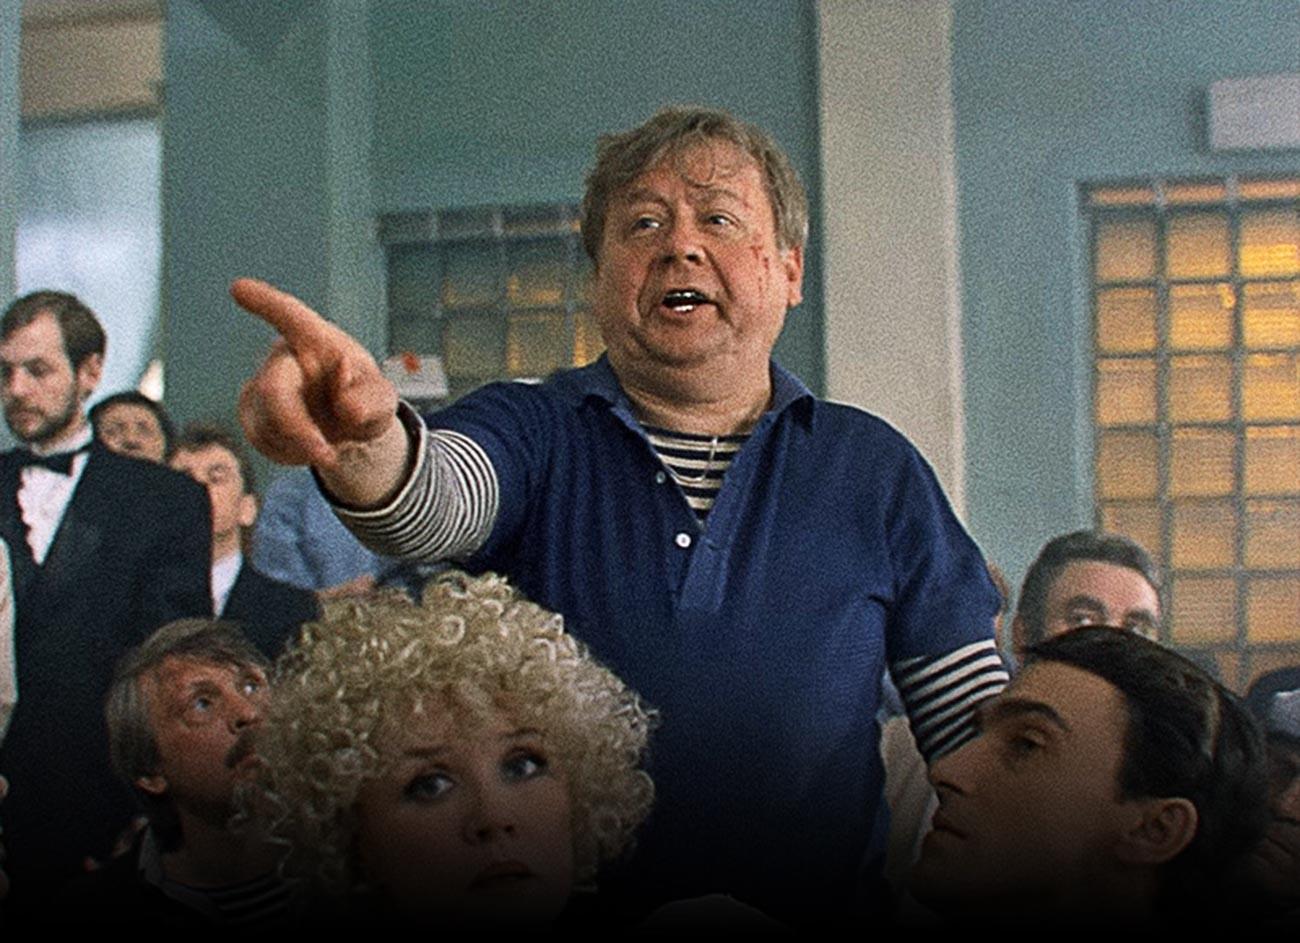 Le légendaire acteur soviétique Oleg Tabakov jouant un voyou dans le film Сhirli-Myrli (1995)